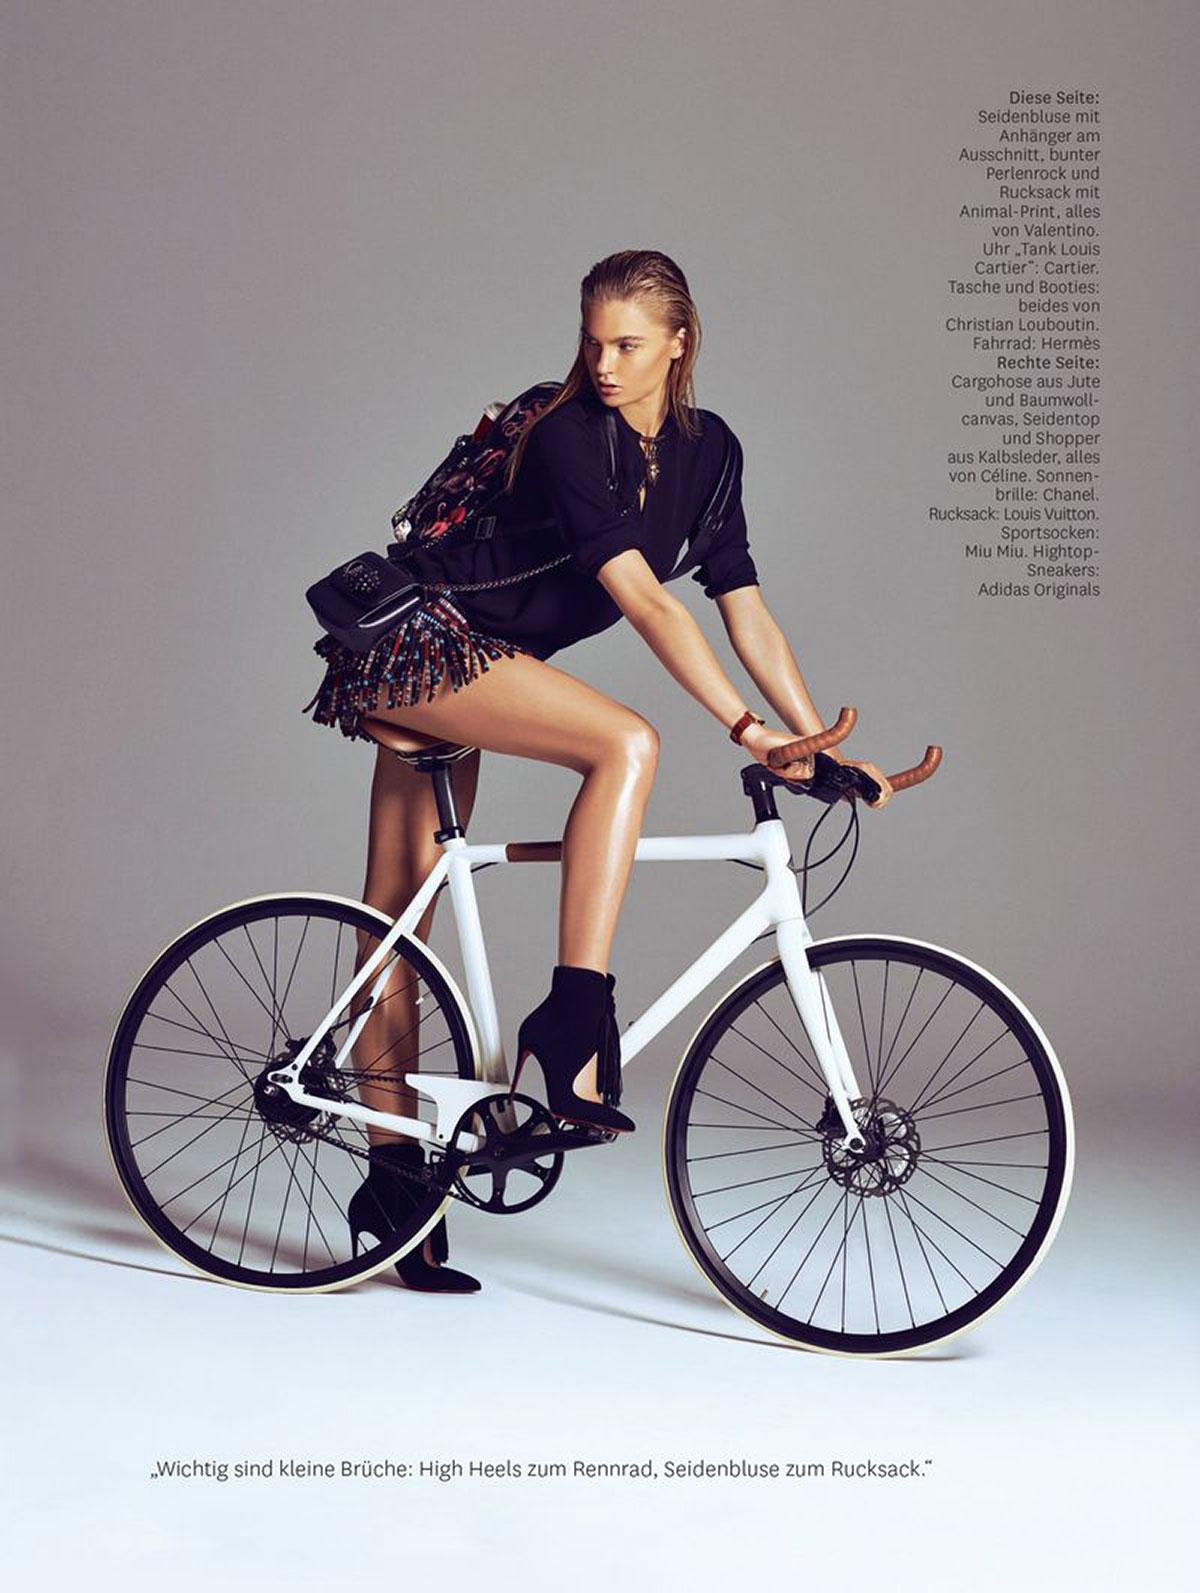 Isabel Scholten in bici